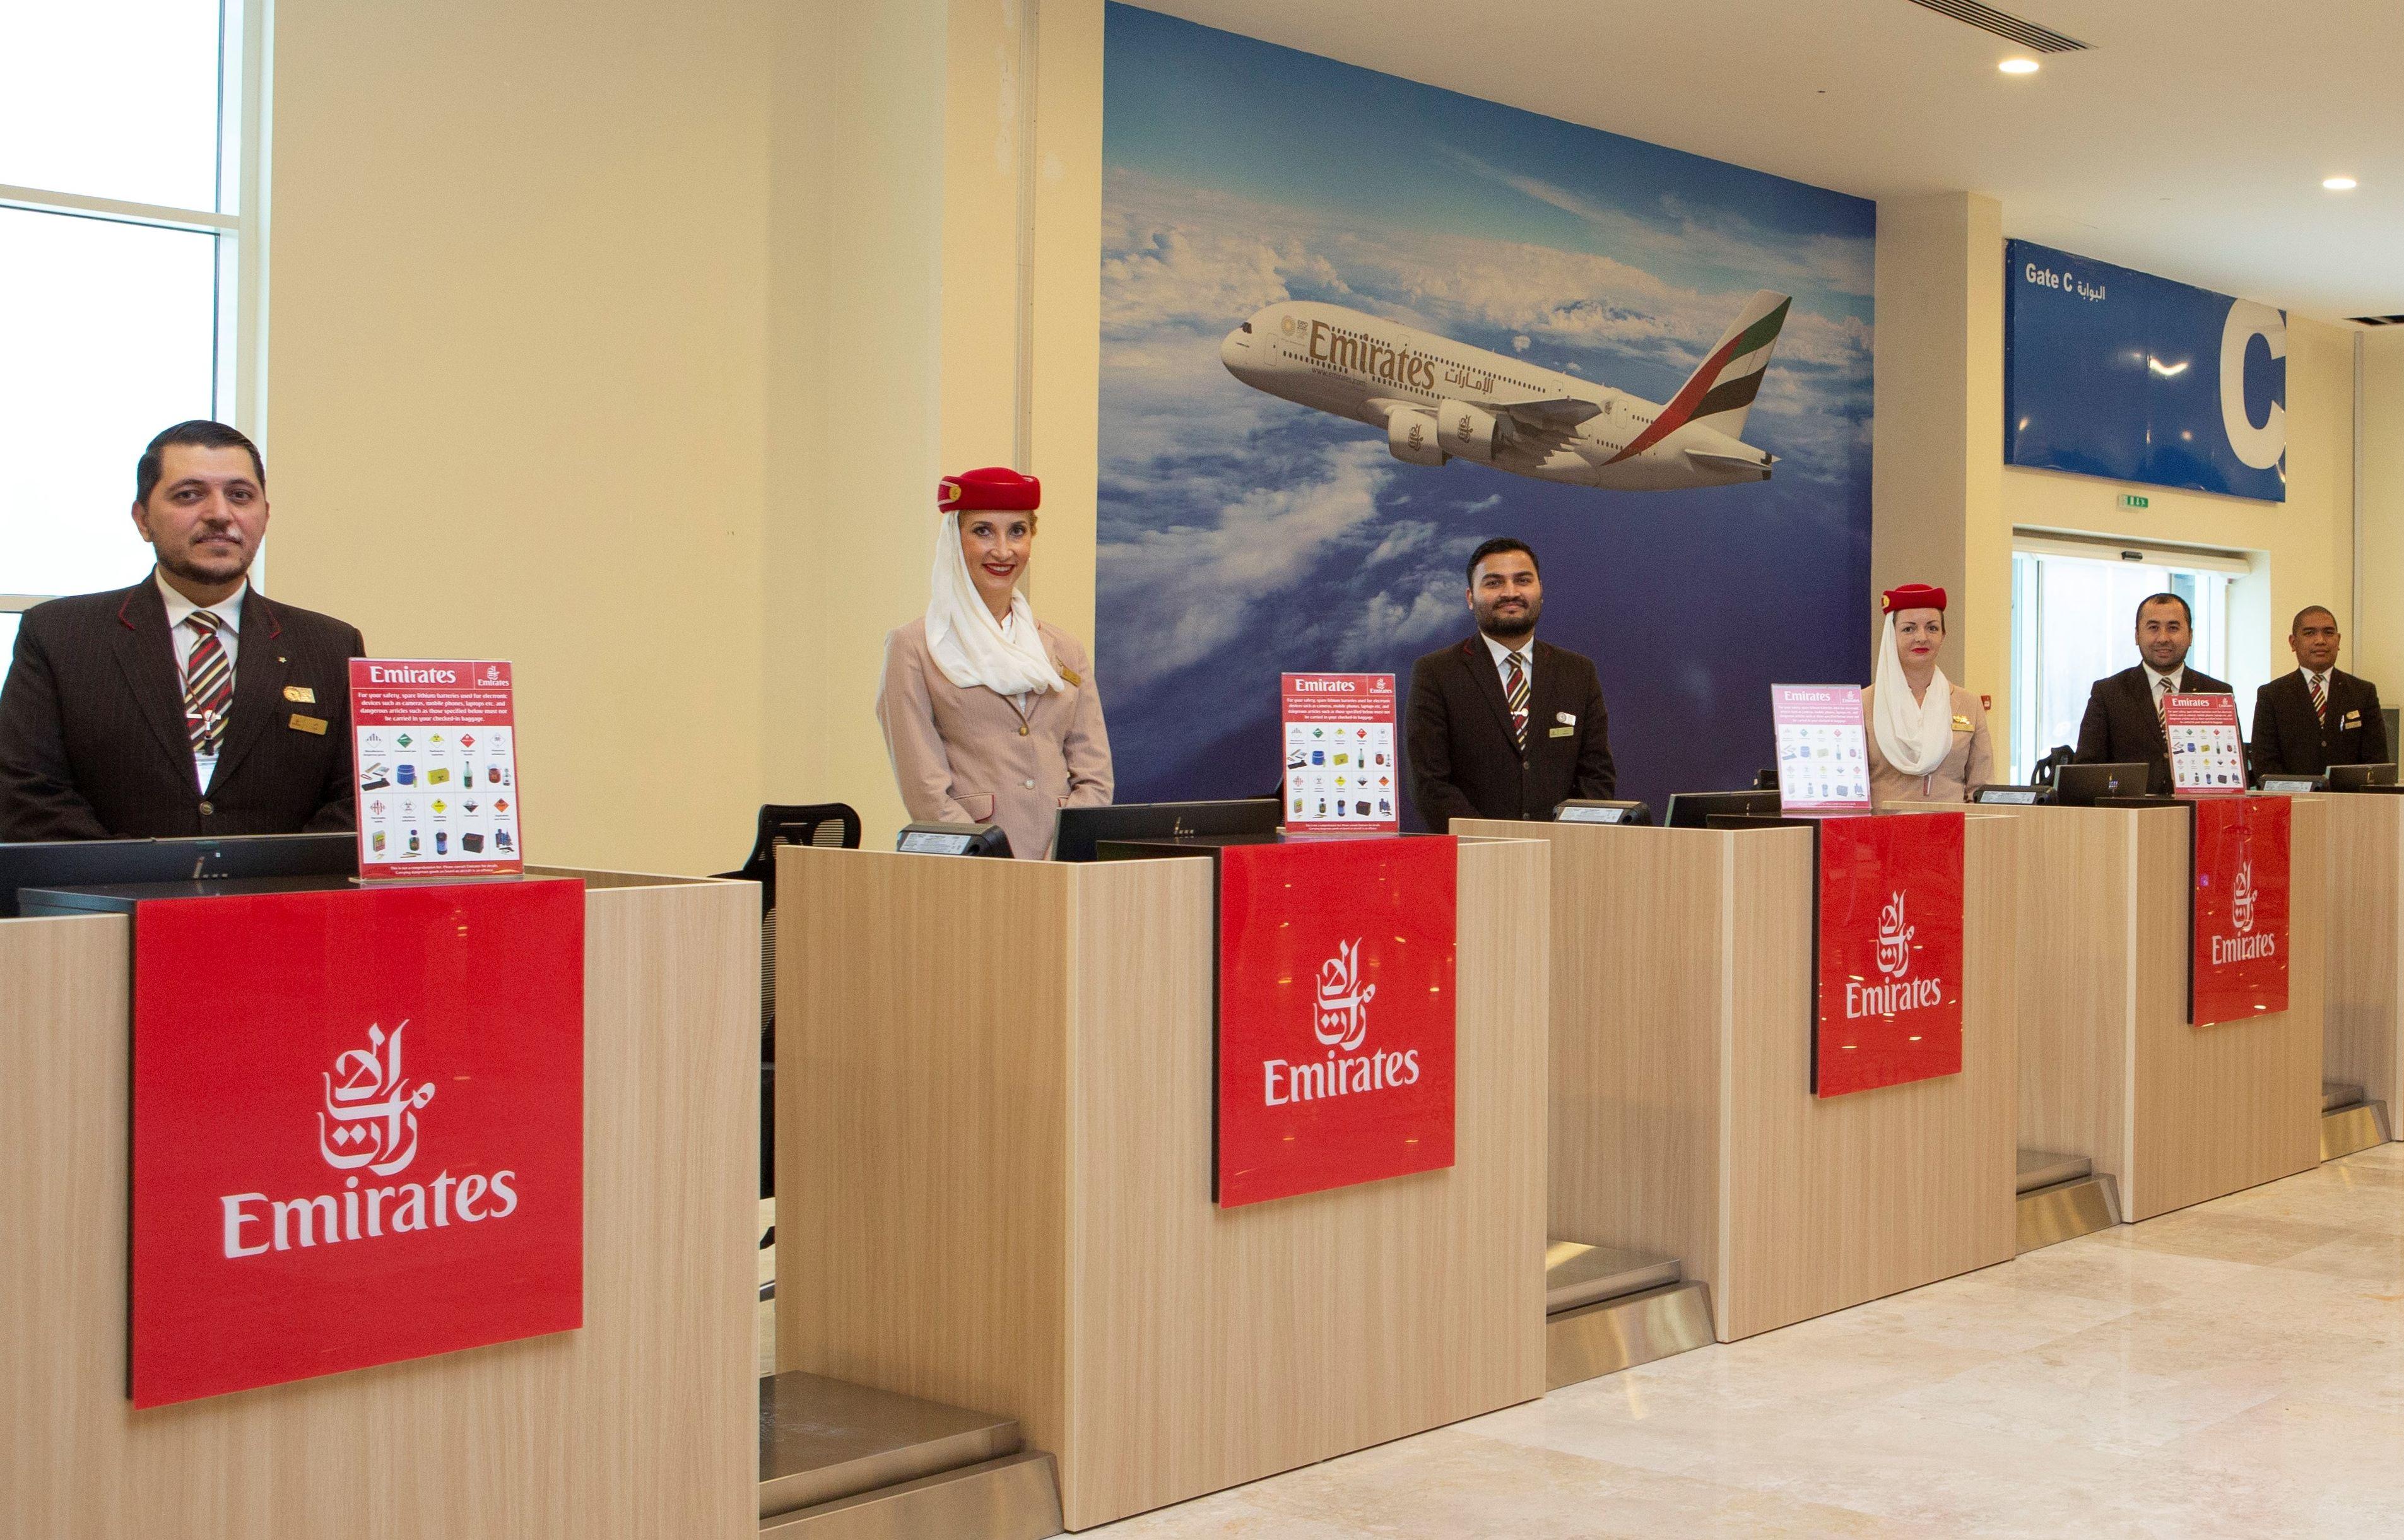 Der er otte check-in skranker i Emirates' krydstogtterminal i havnebyen Port Rashid, der modtager krydstogtskibe til og fra emiratet Dubai. PR-foto: Emirates.